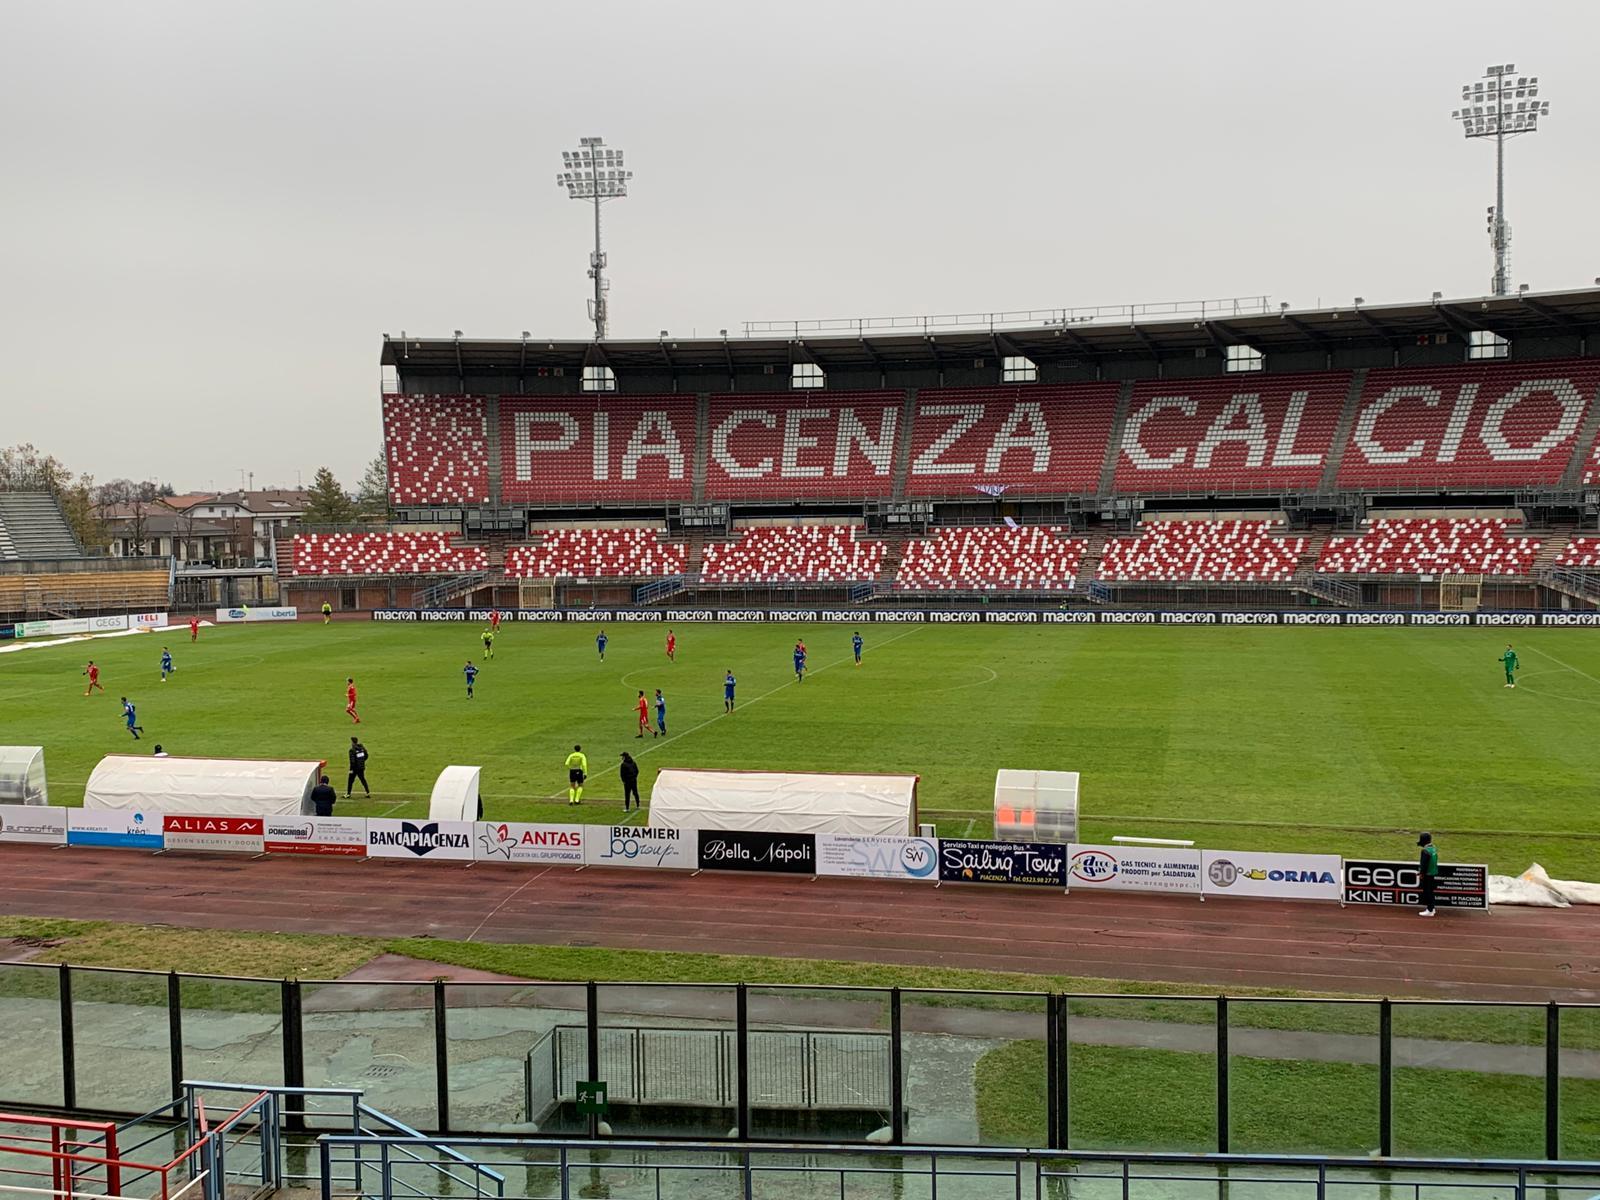 Pro sesto contro il Piacenza